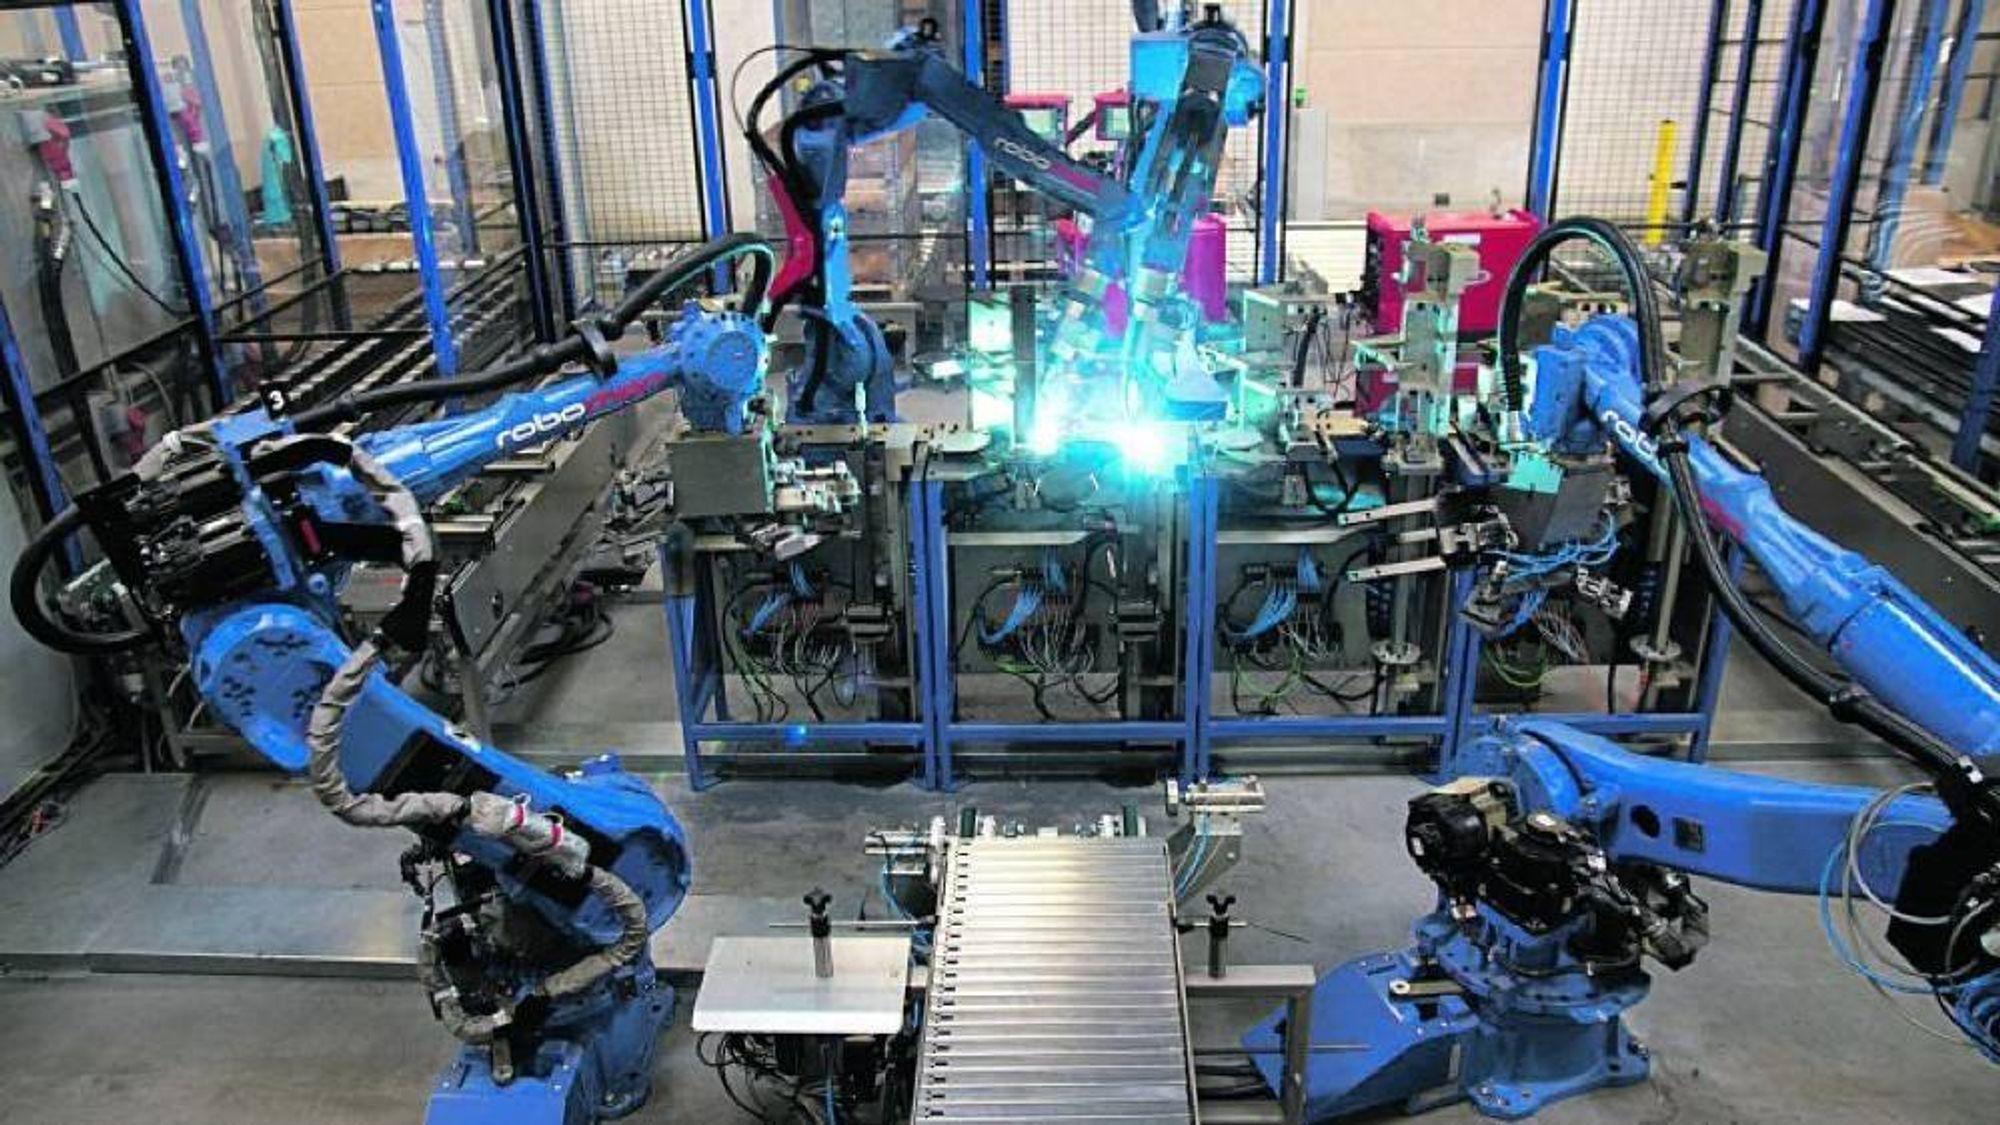 Til sammen sier 39 prosent at de tror roboter kan overta hele eller deler av jobben deres, skriver Avisenes Nyhetsbyrå. 57 prosent ser ikke for seg at de kan erstattes av en maskin, mot 68 prosent for et år siden.